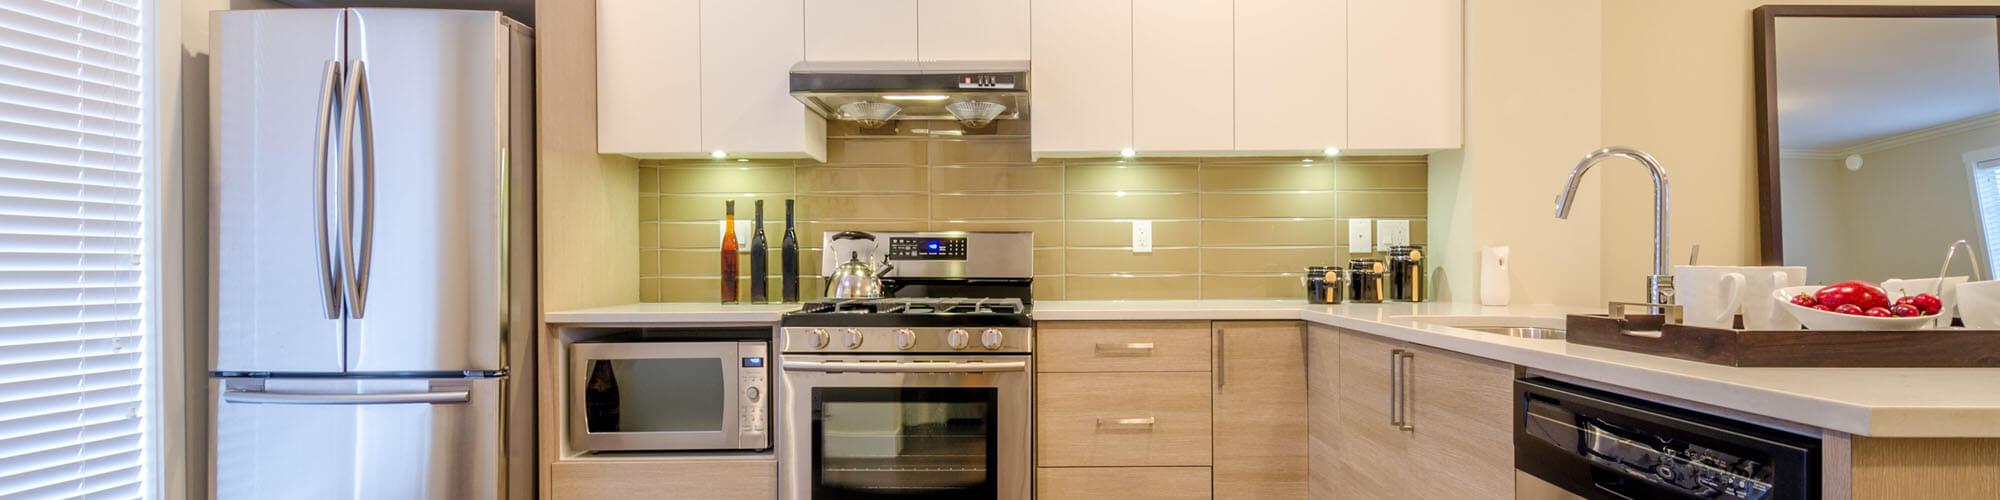 kitchen remodel, kitchen design | sarasota, fl